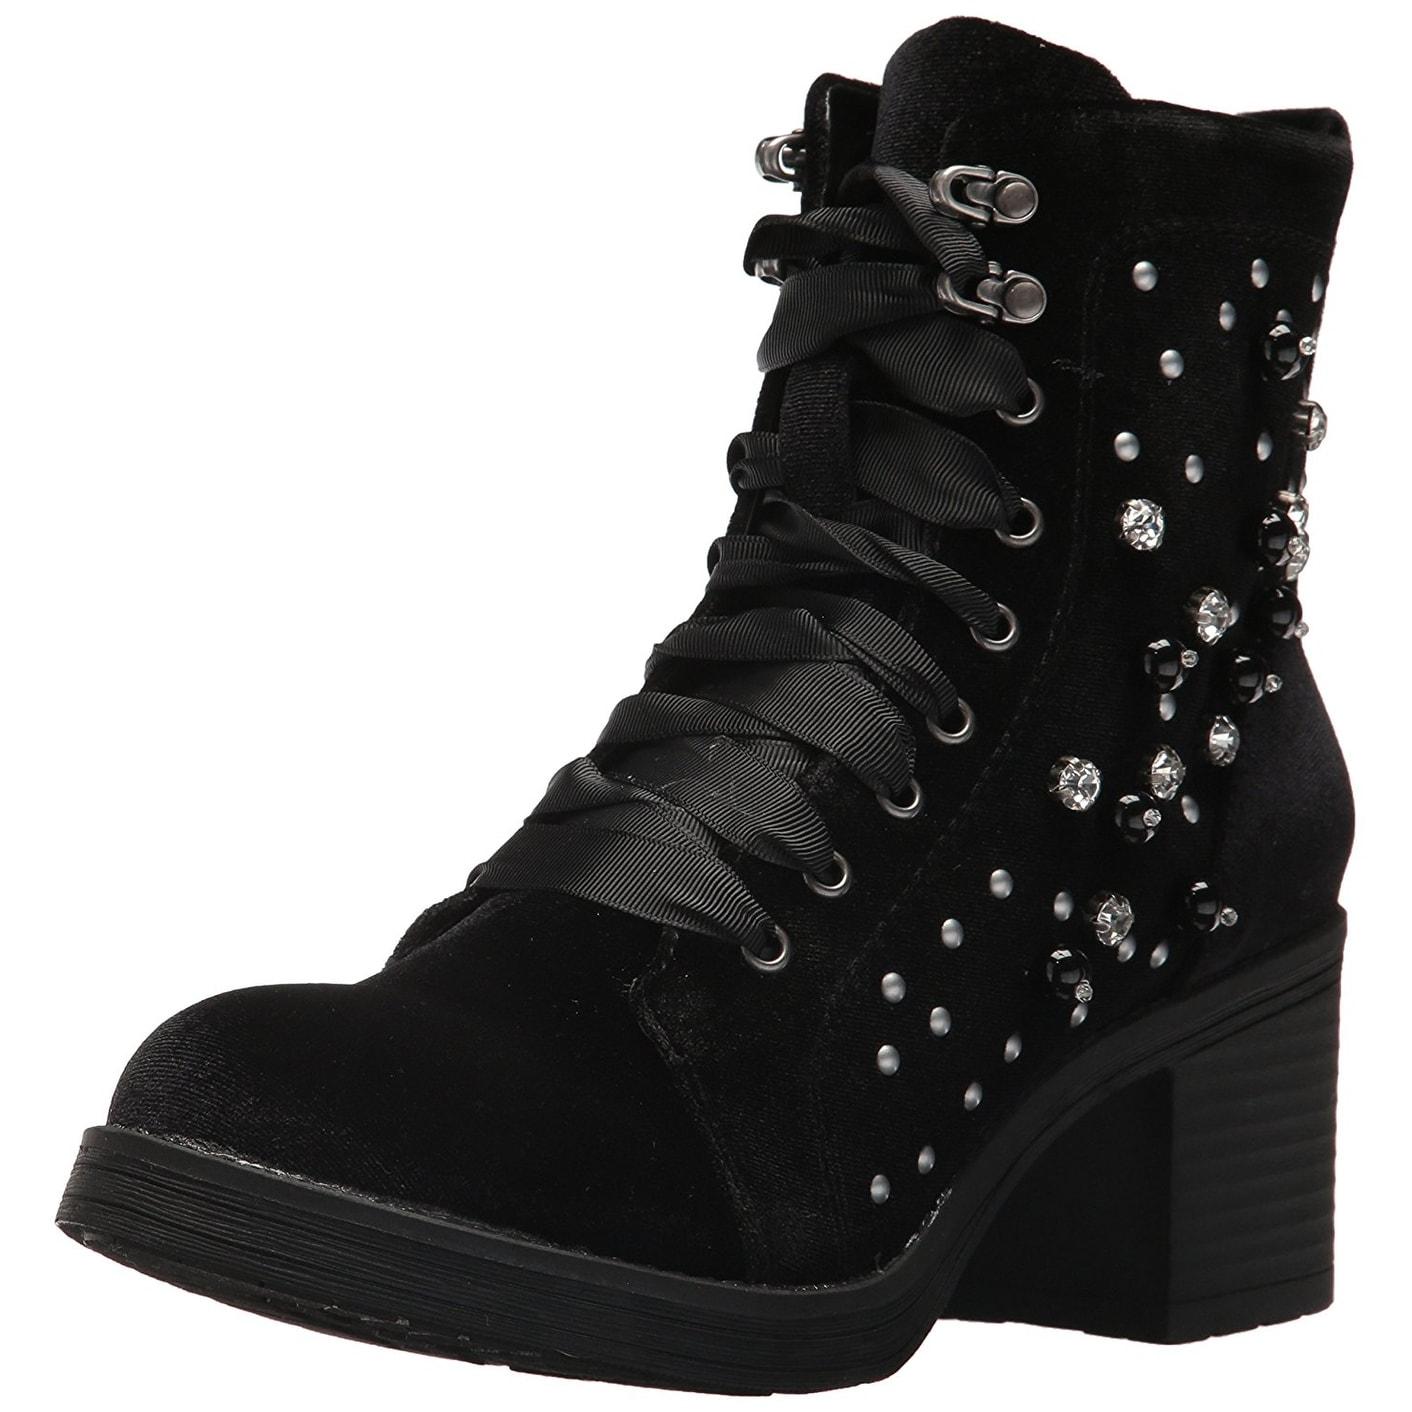 83cf2969b159 Buy High Heel Madden Girl Women s Boots Online at Overstock